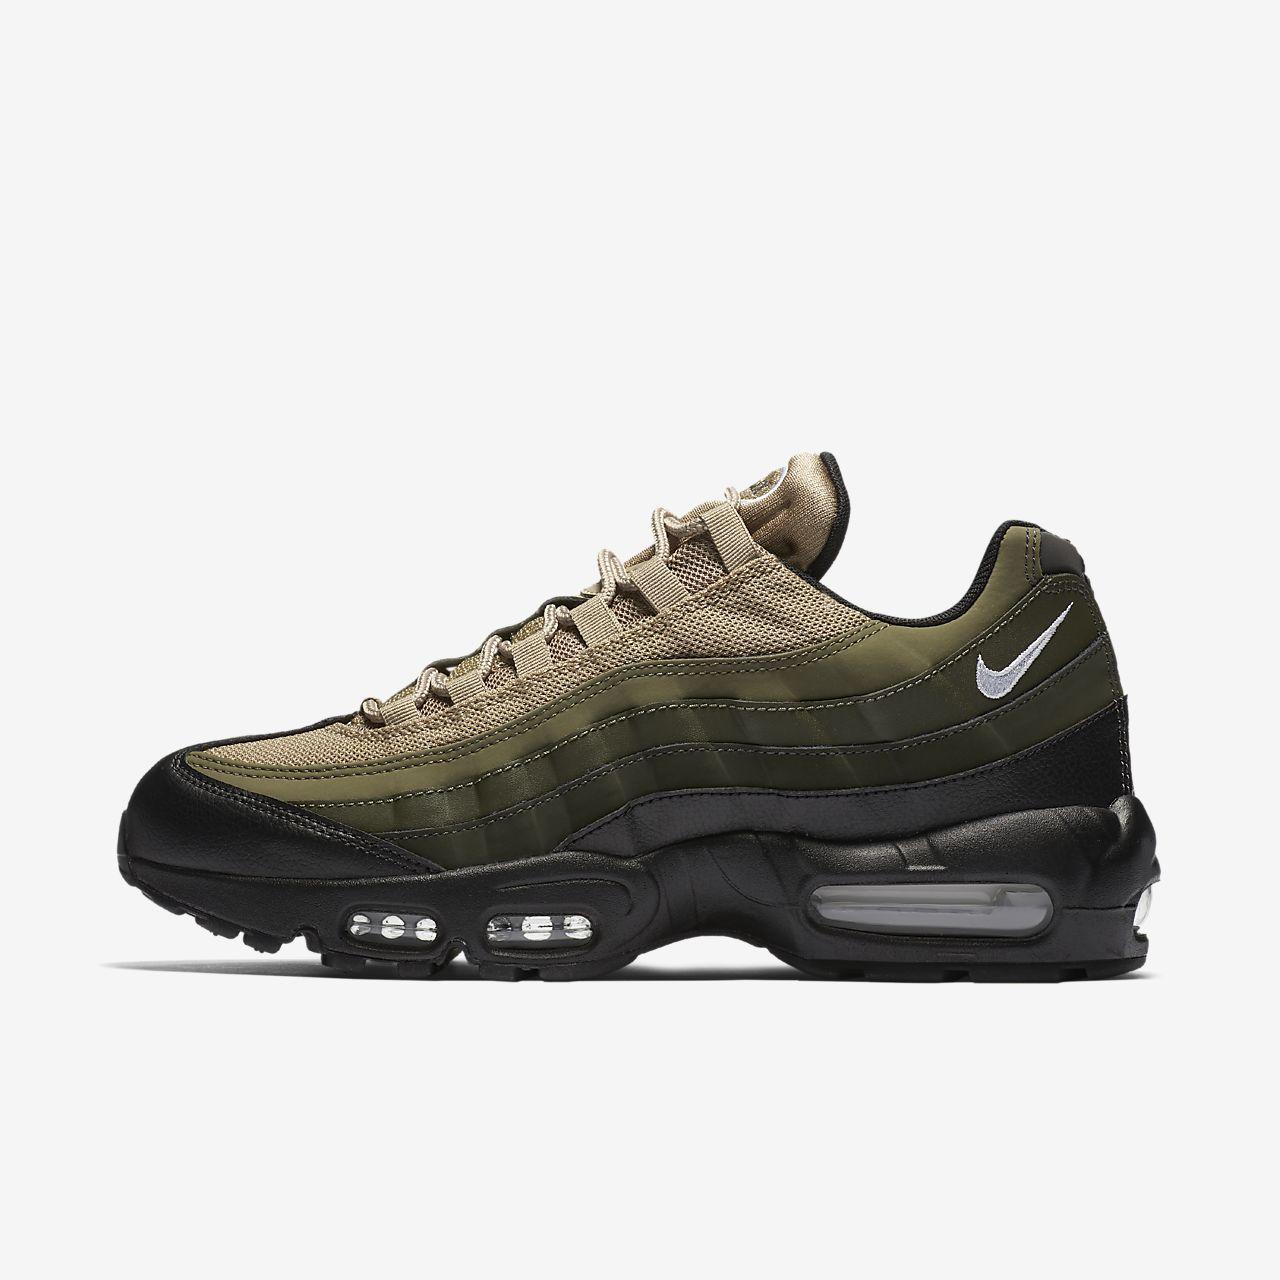 Nike Air Max 95 Essential 男鞋